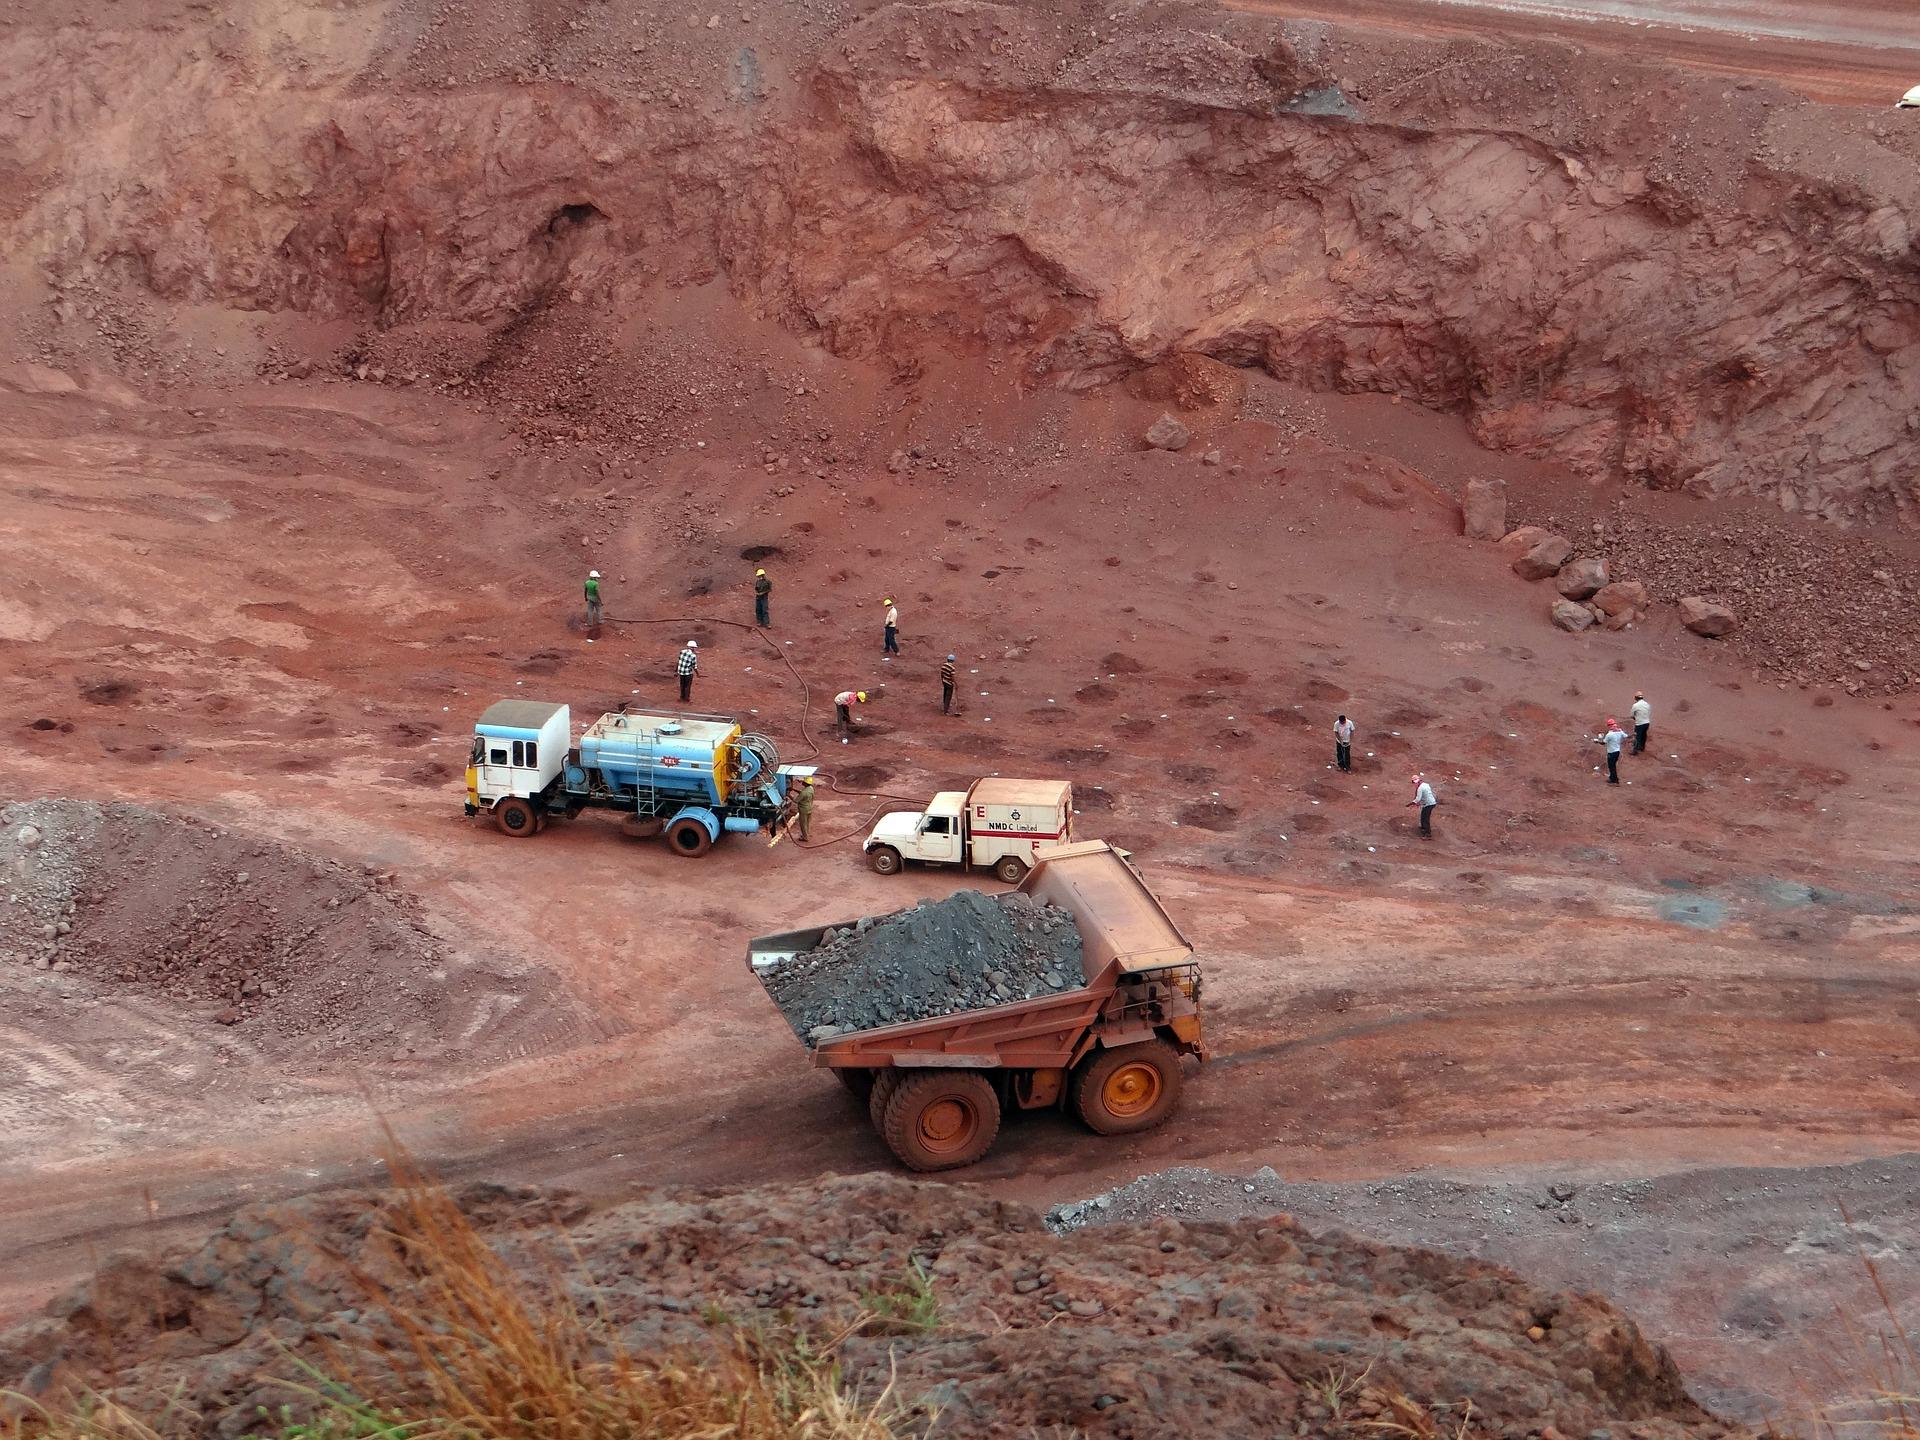 Empresa brasileña de minería Vale realiza su primera transacción mineral de hierro utilizando tecnología blockchain